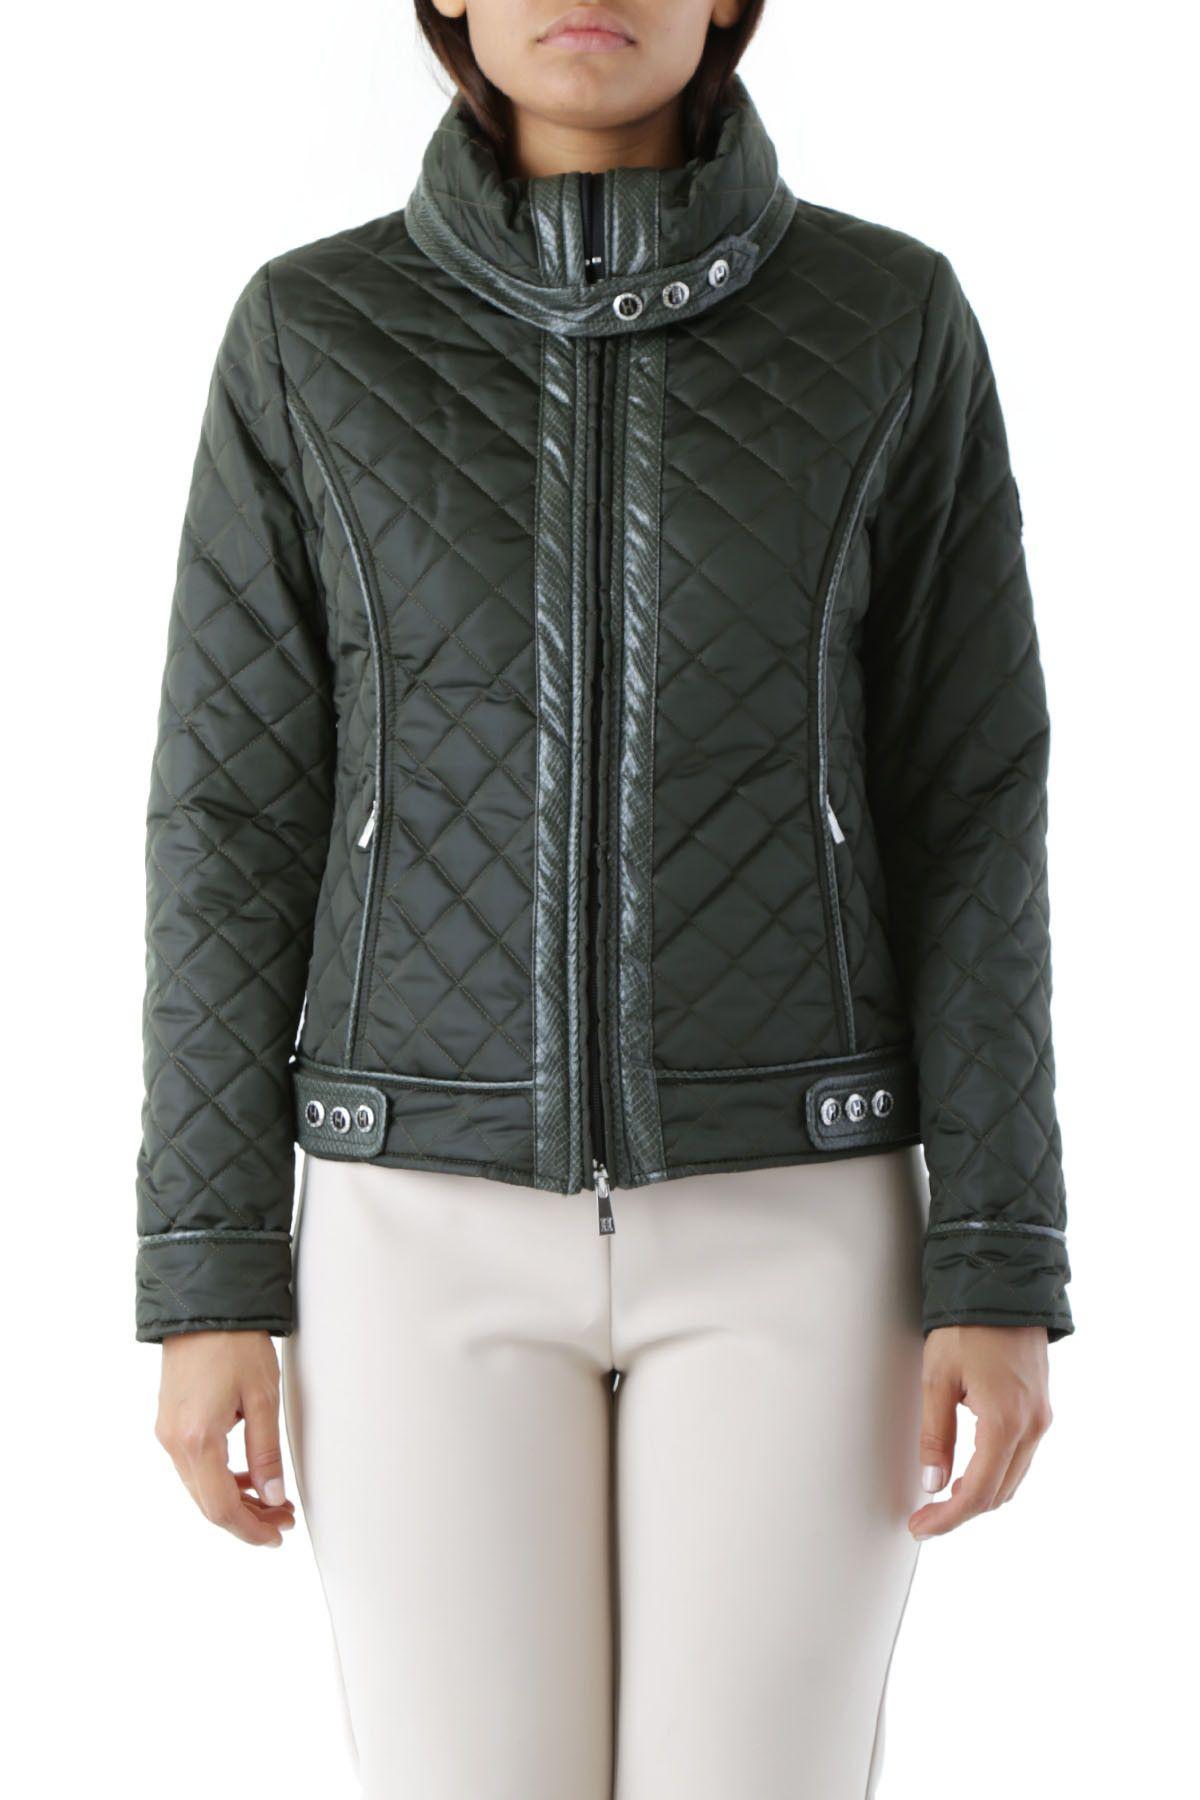 Husky Women's Jacket In Green